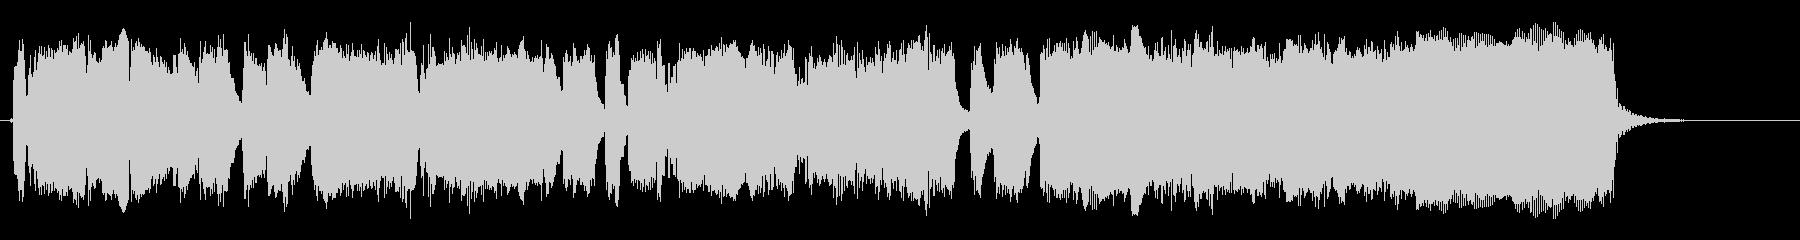 エレクトリックギター:ミディアムブ...の未再生の波形